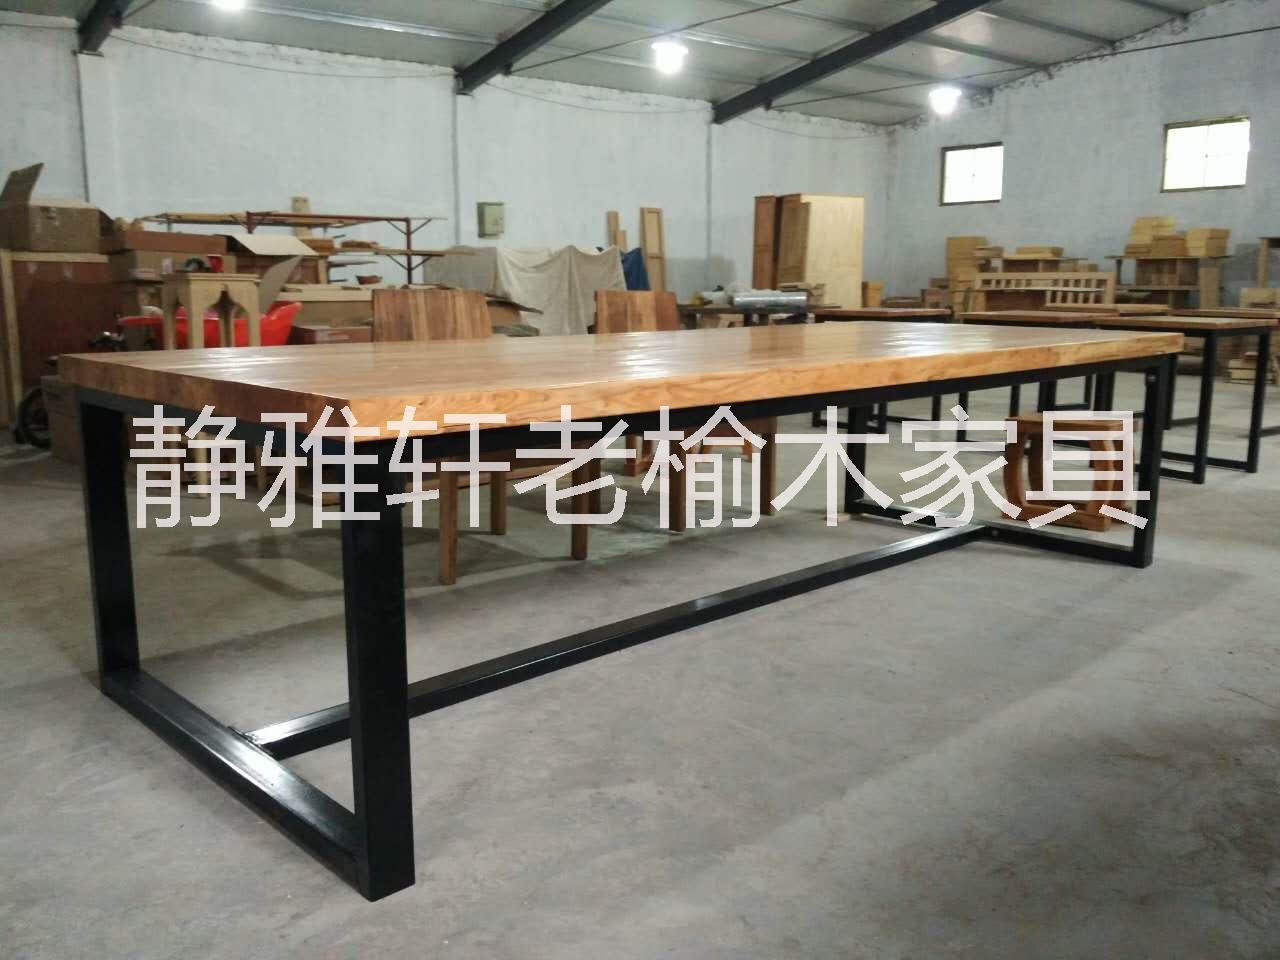 原木木板材复古老榆木桌面实木板吧台工作台装饰板材LOFT批发定制 老原木原木木板材复古桌面实木板